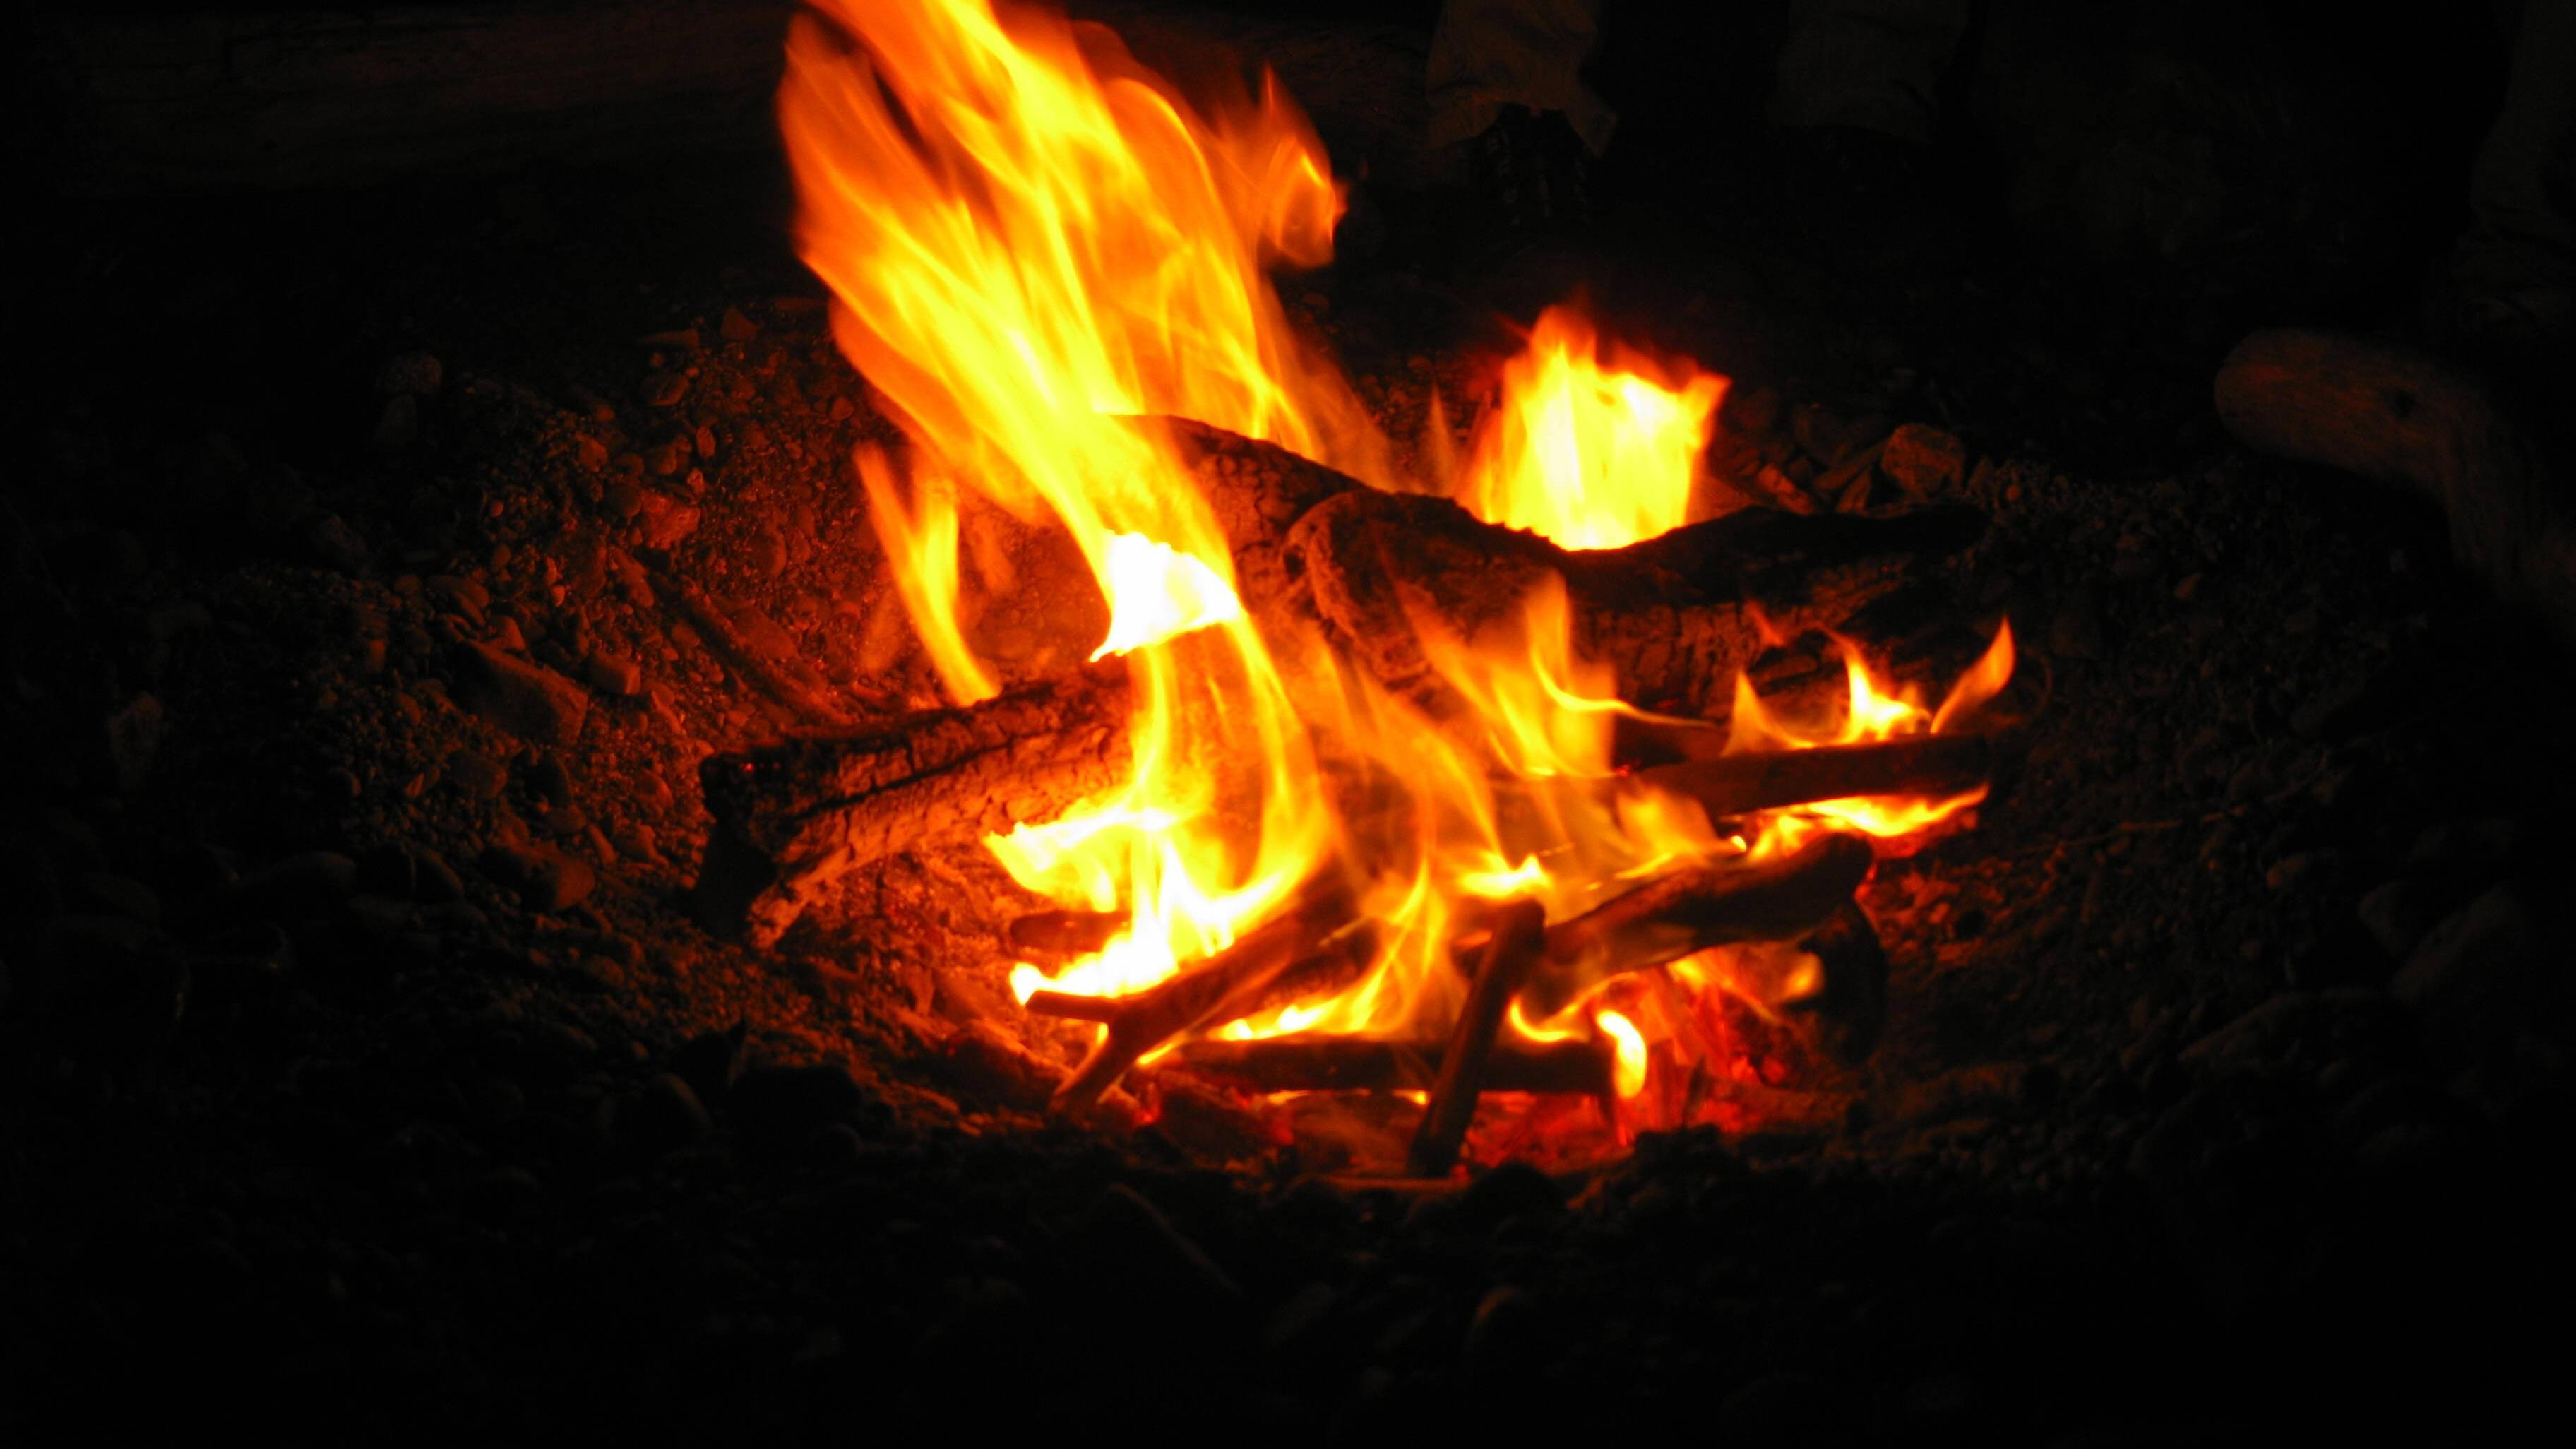 Menschen mit Angst vor Feuer meiden Veranstaltungen mit Lagerfeuer.